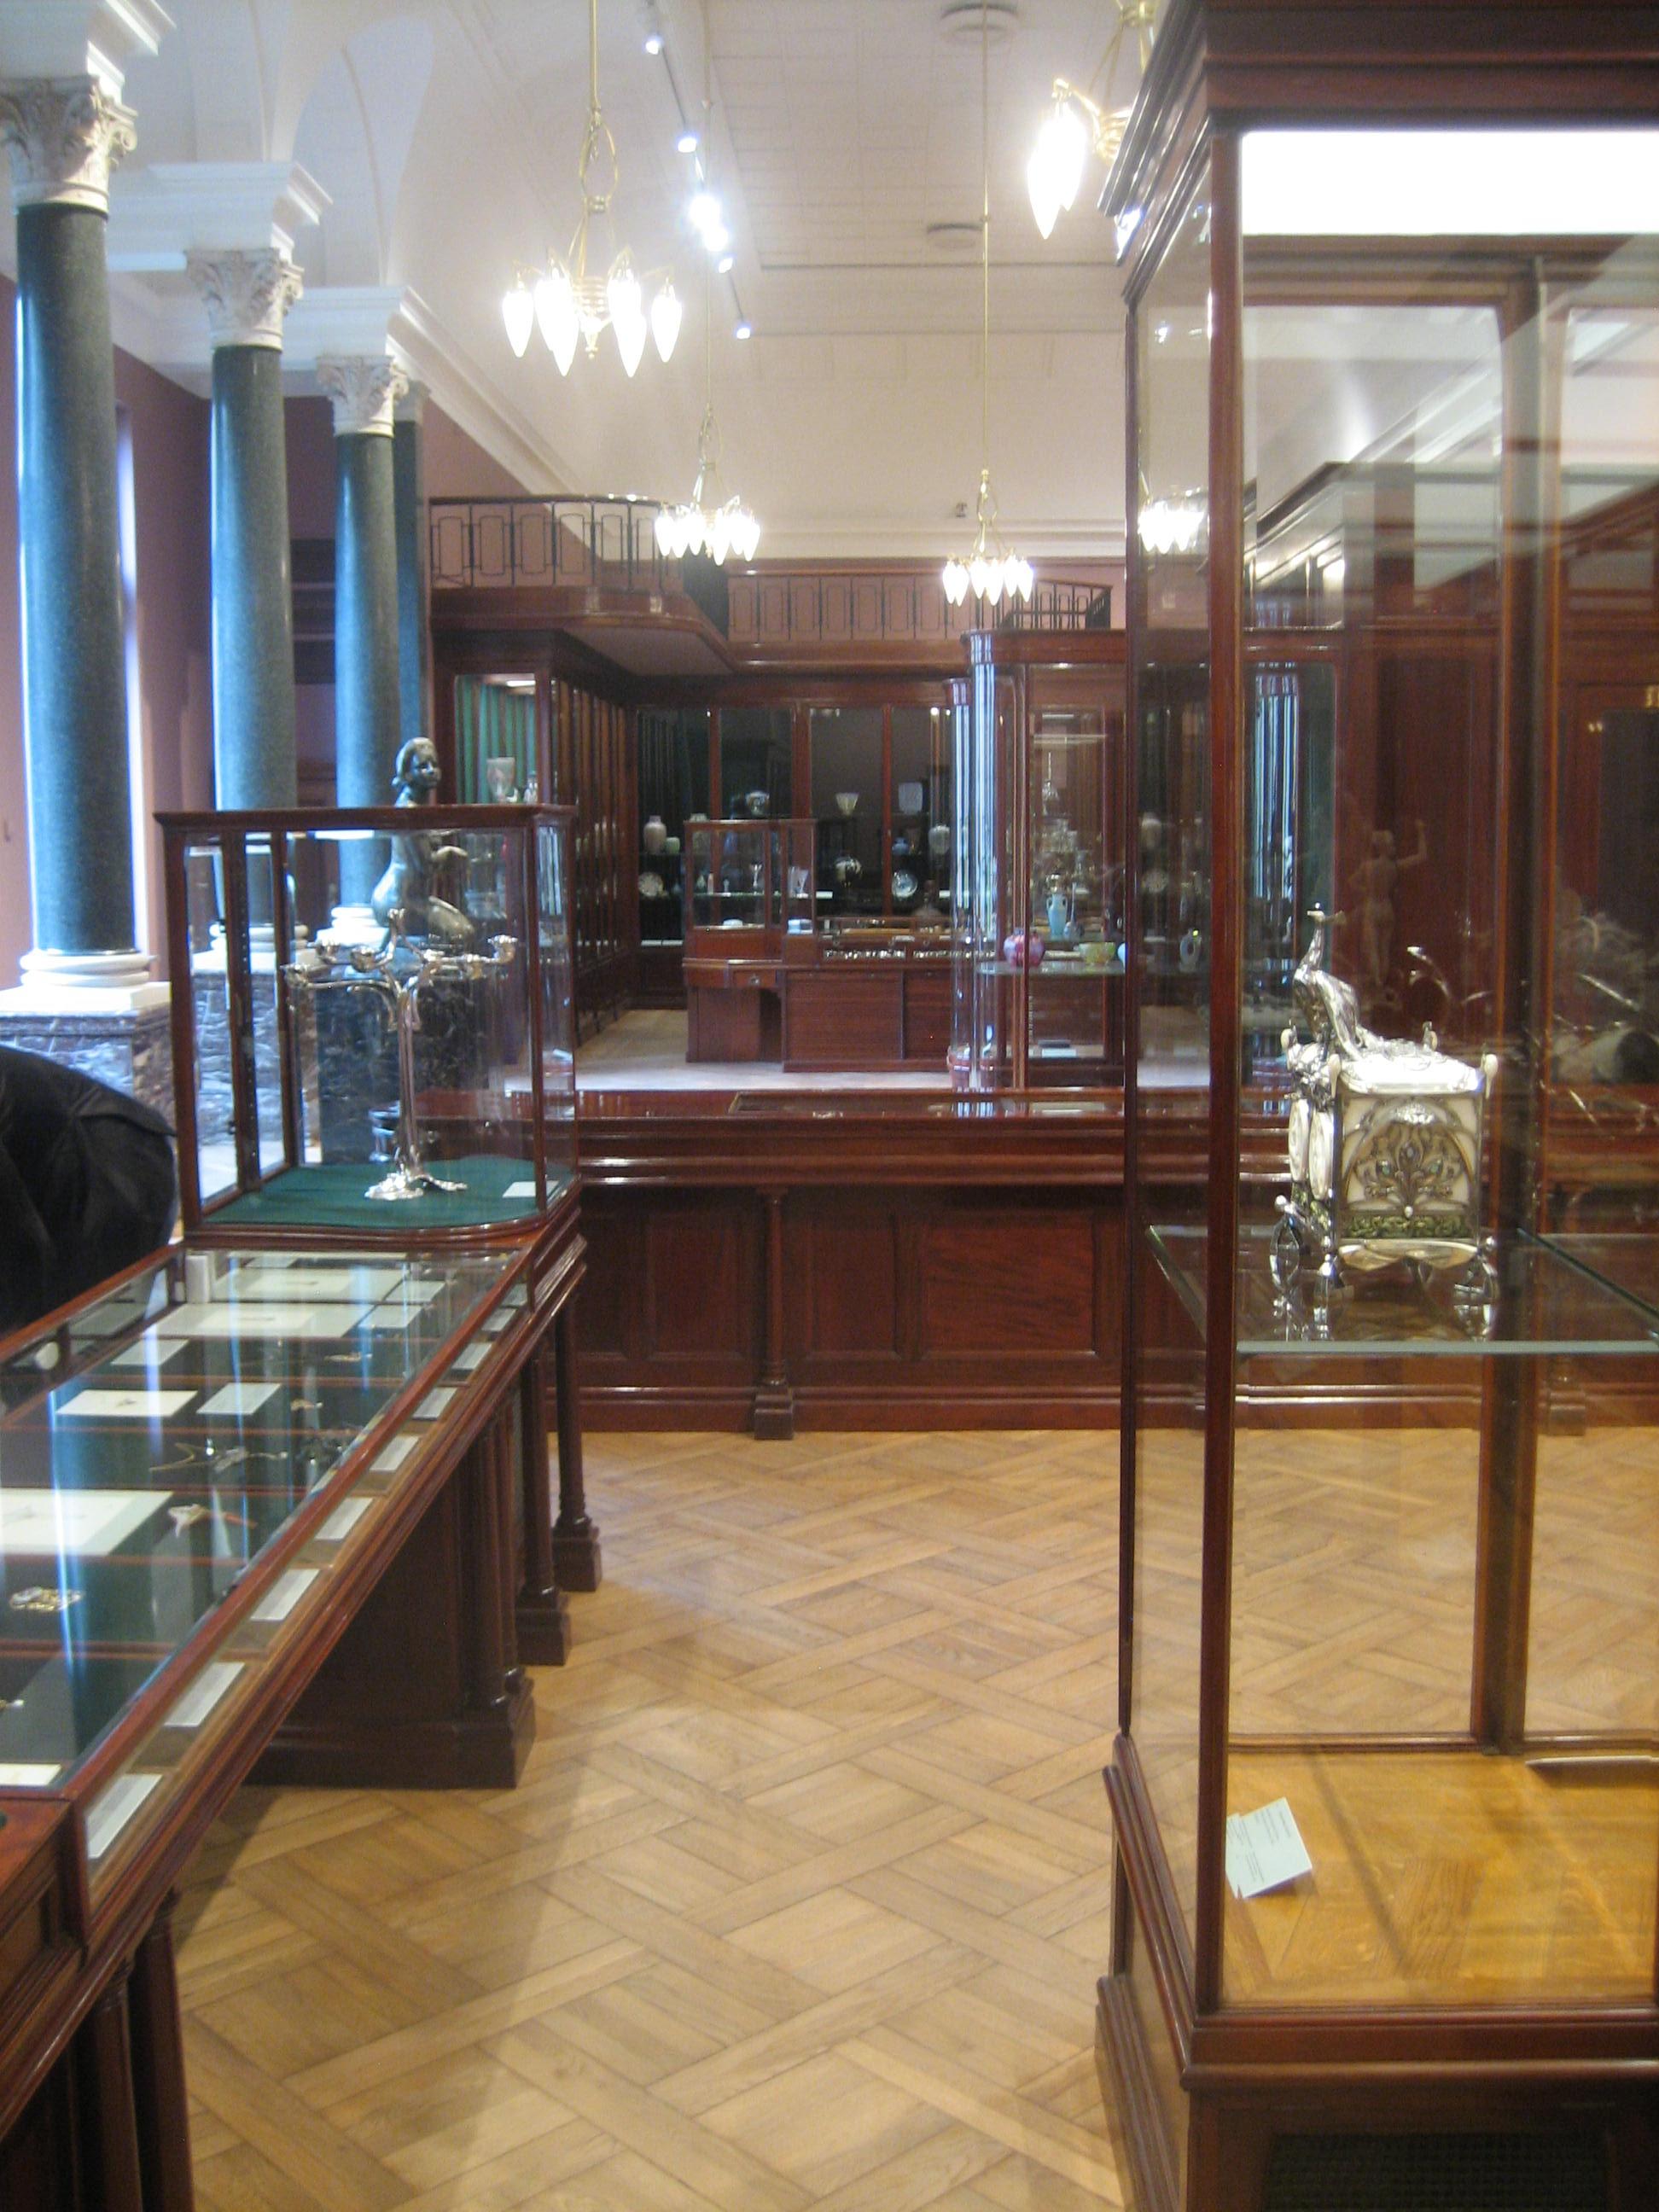 Winkel van Wolfers & Frères door Victor Horta in het Jubelparkmuseum, Brussel, 2018, vitrines, meubilair